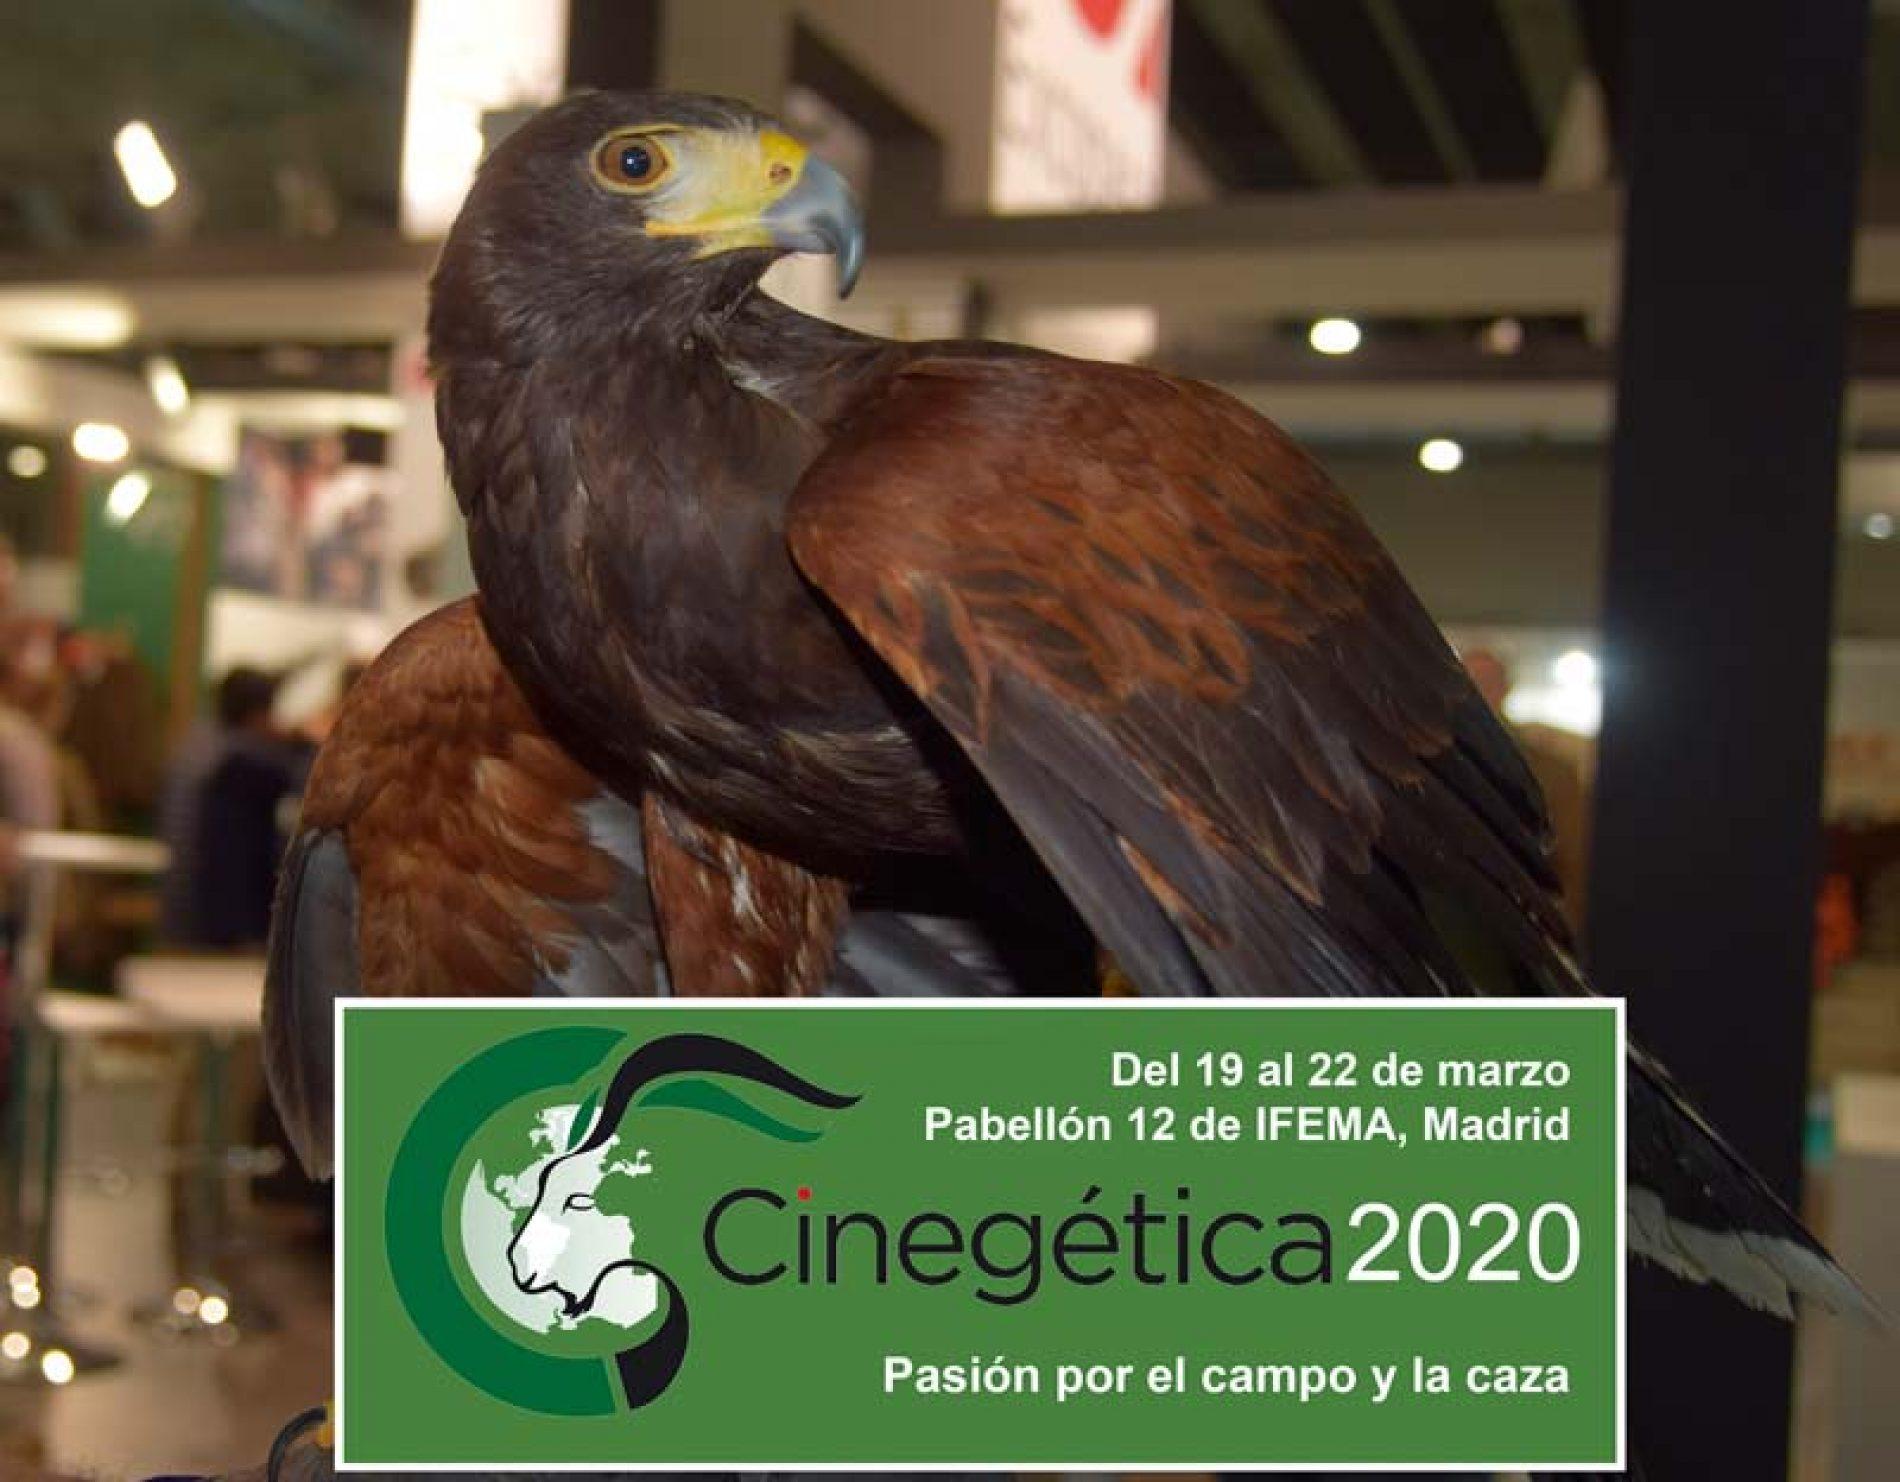 Llega la nueva temporada… ¡Vuelve Cinegética 2020!